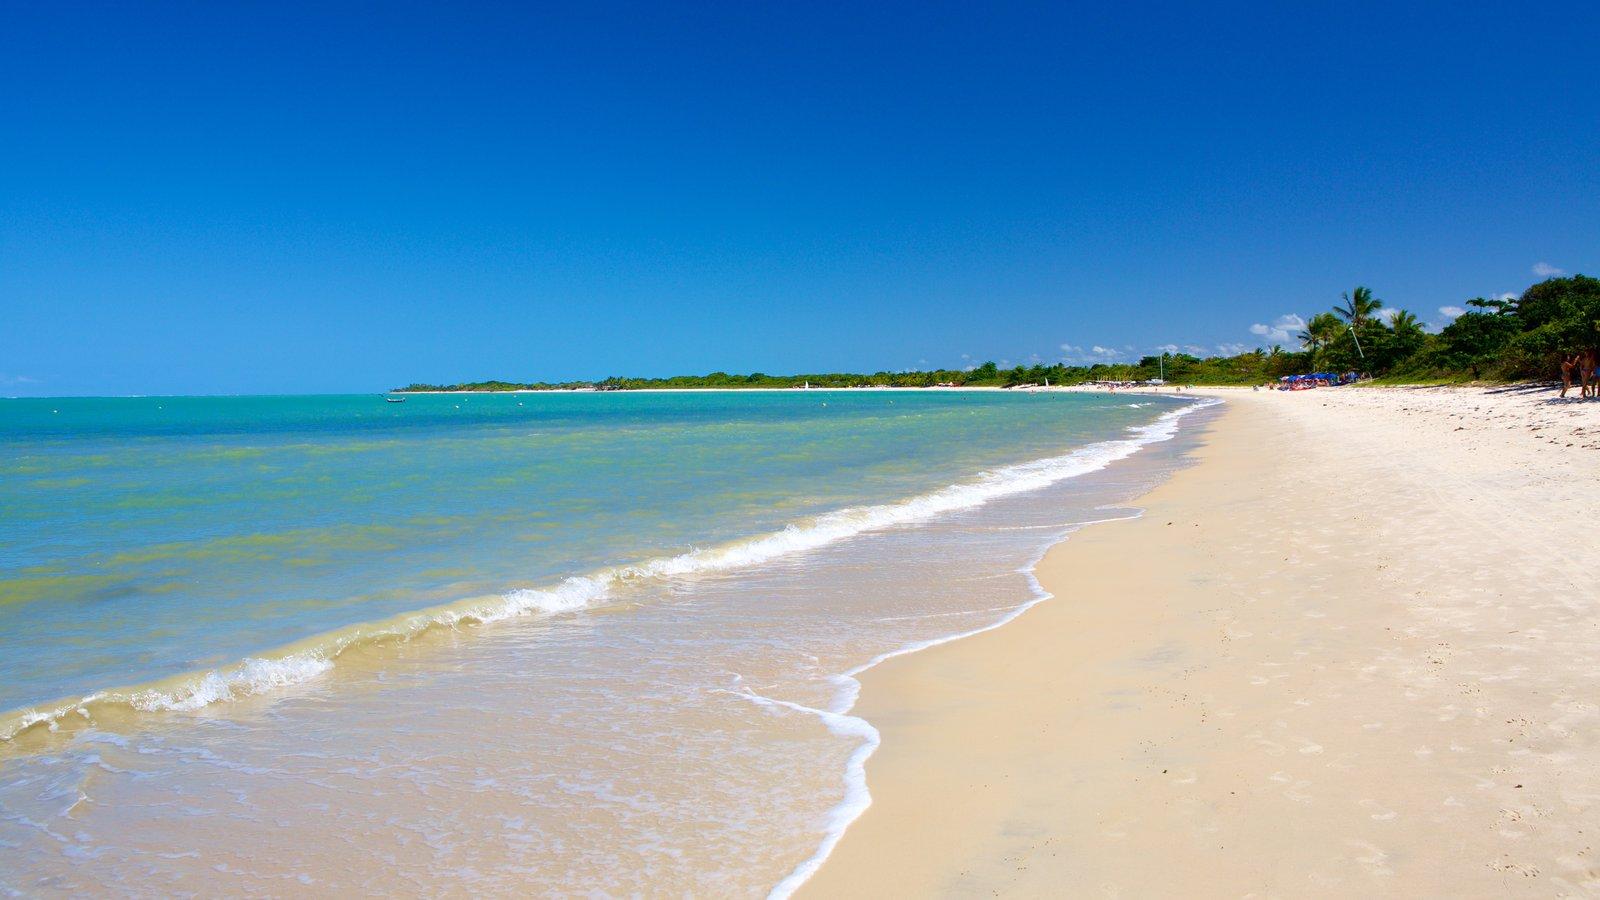 Praia do Mutá mostrando paisagens litorâneas e uma praia